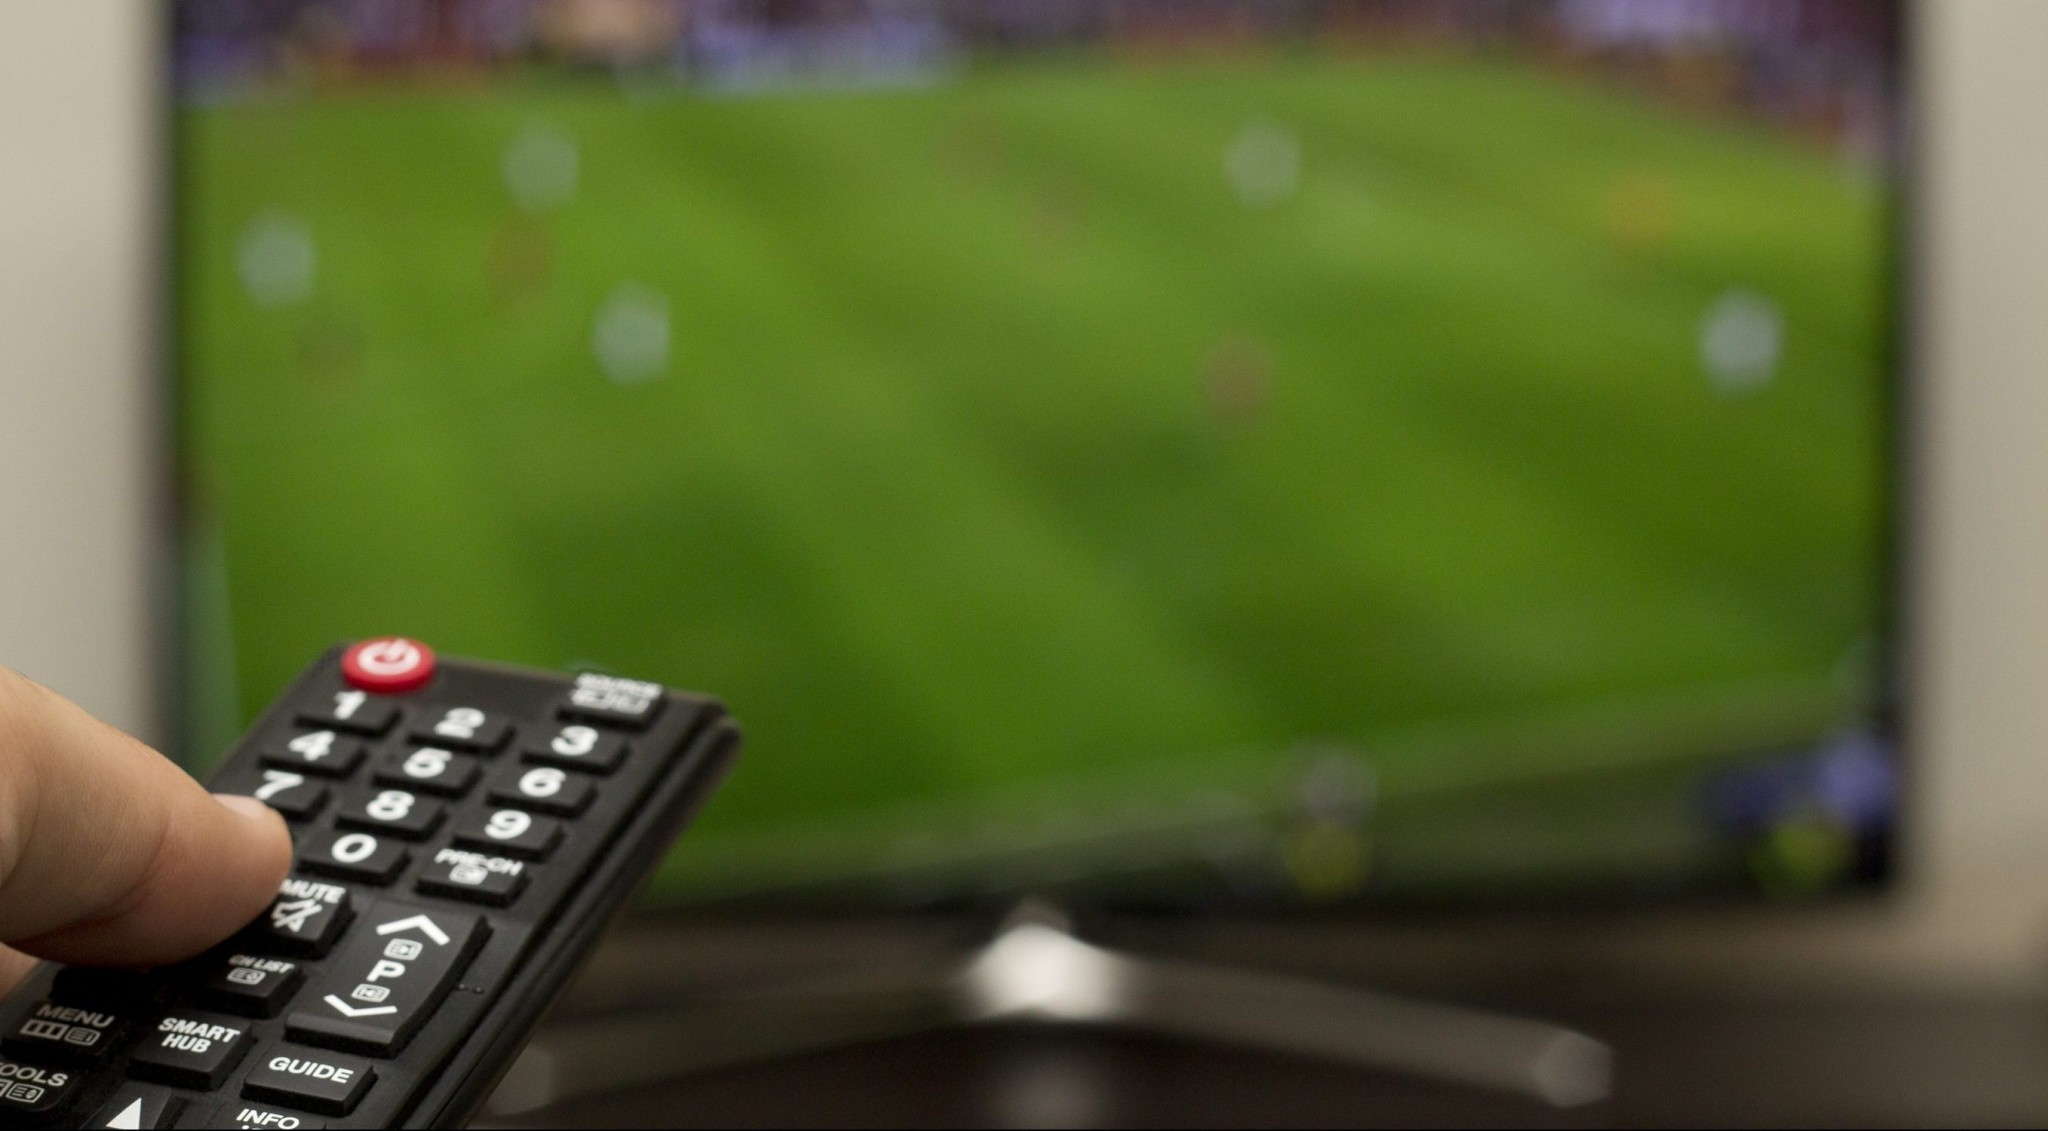 Directv Now Vs Sling Tv Vs Playstation Vue Vs Fubo Tv Vs Hulu Vs